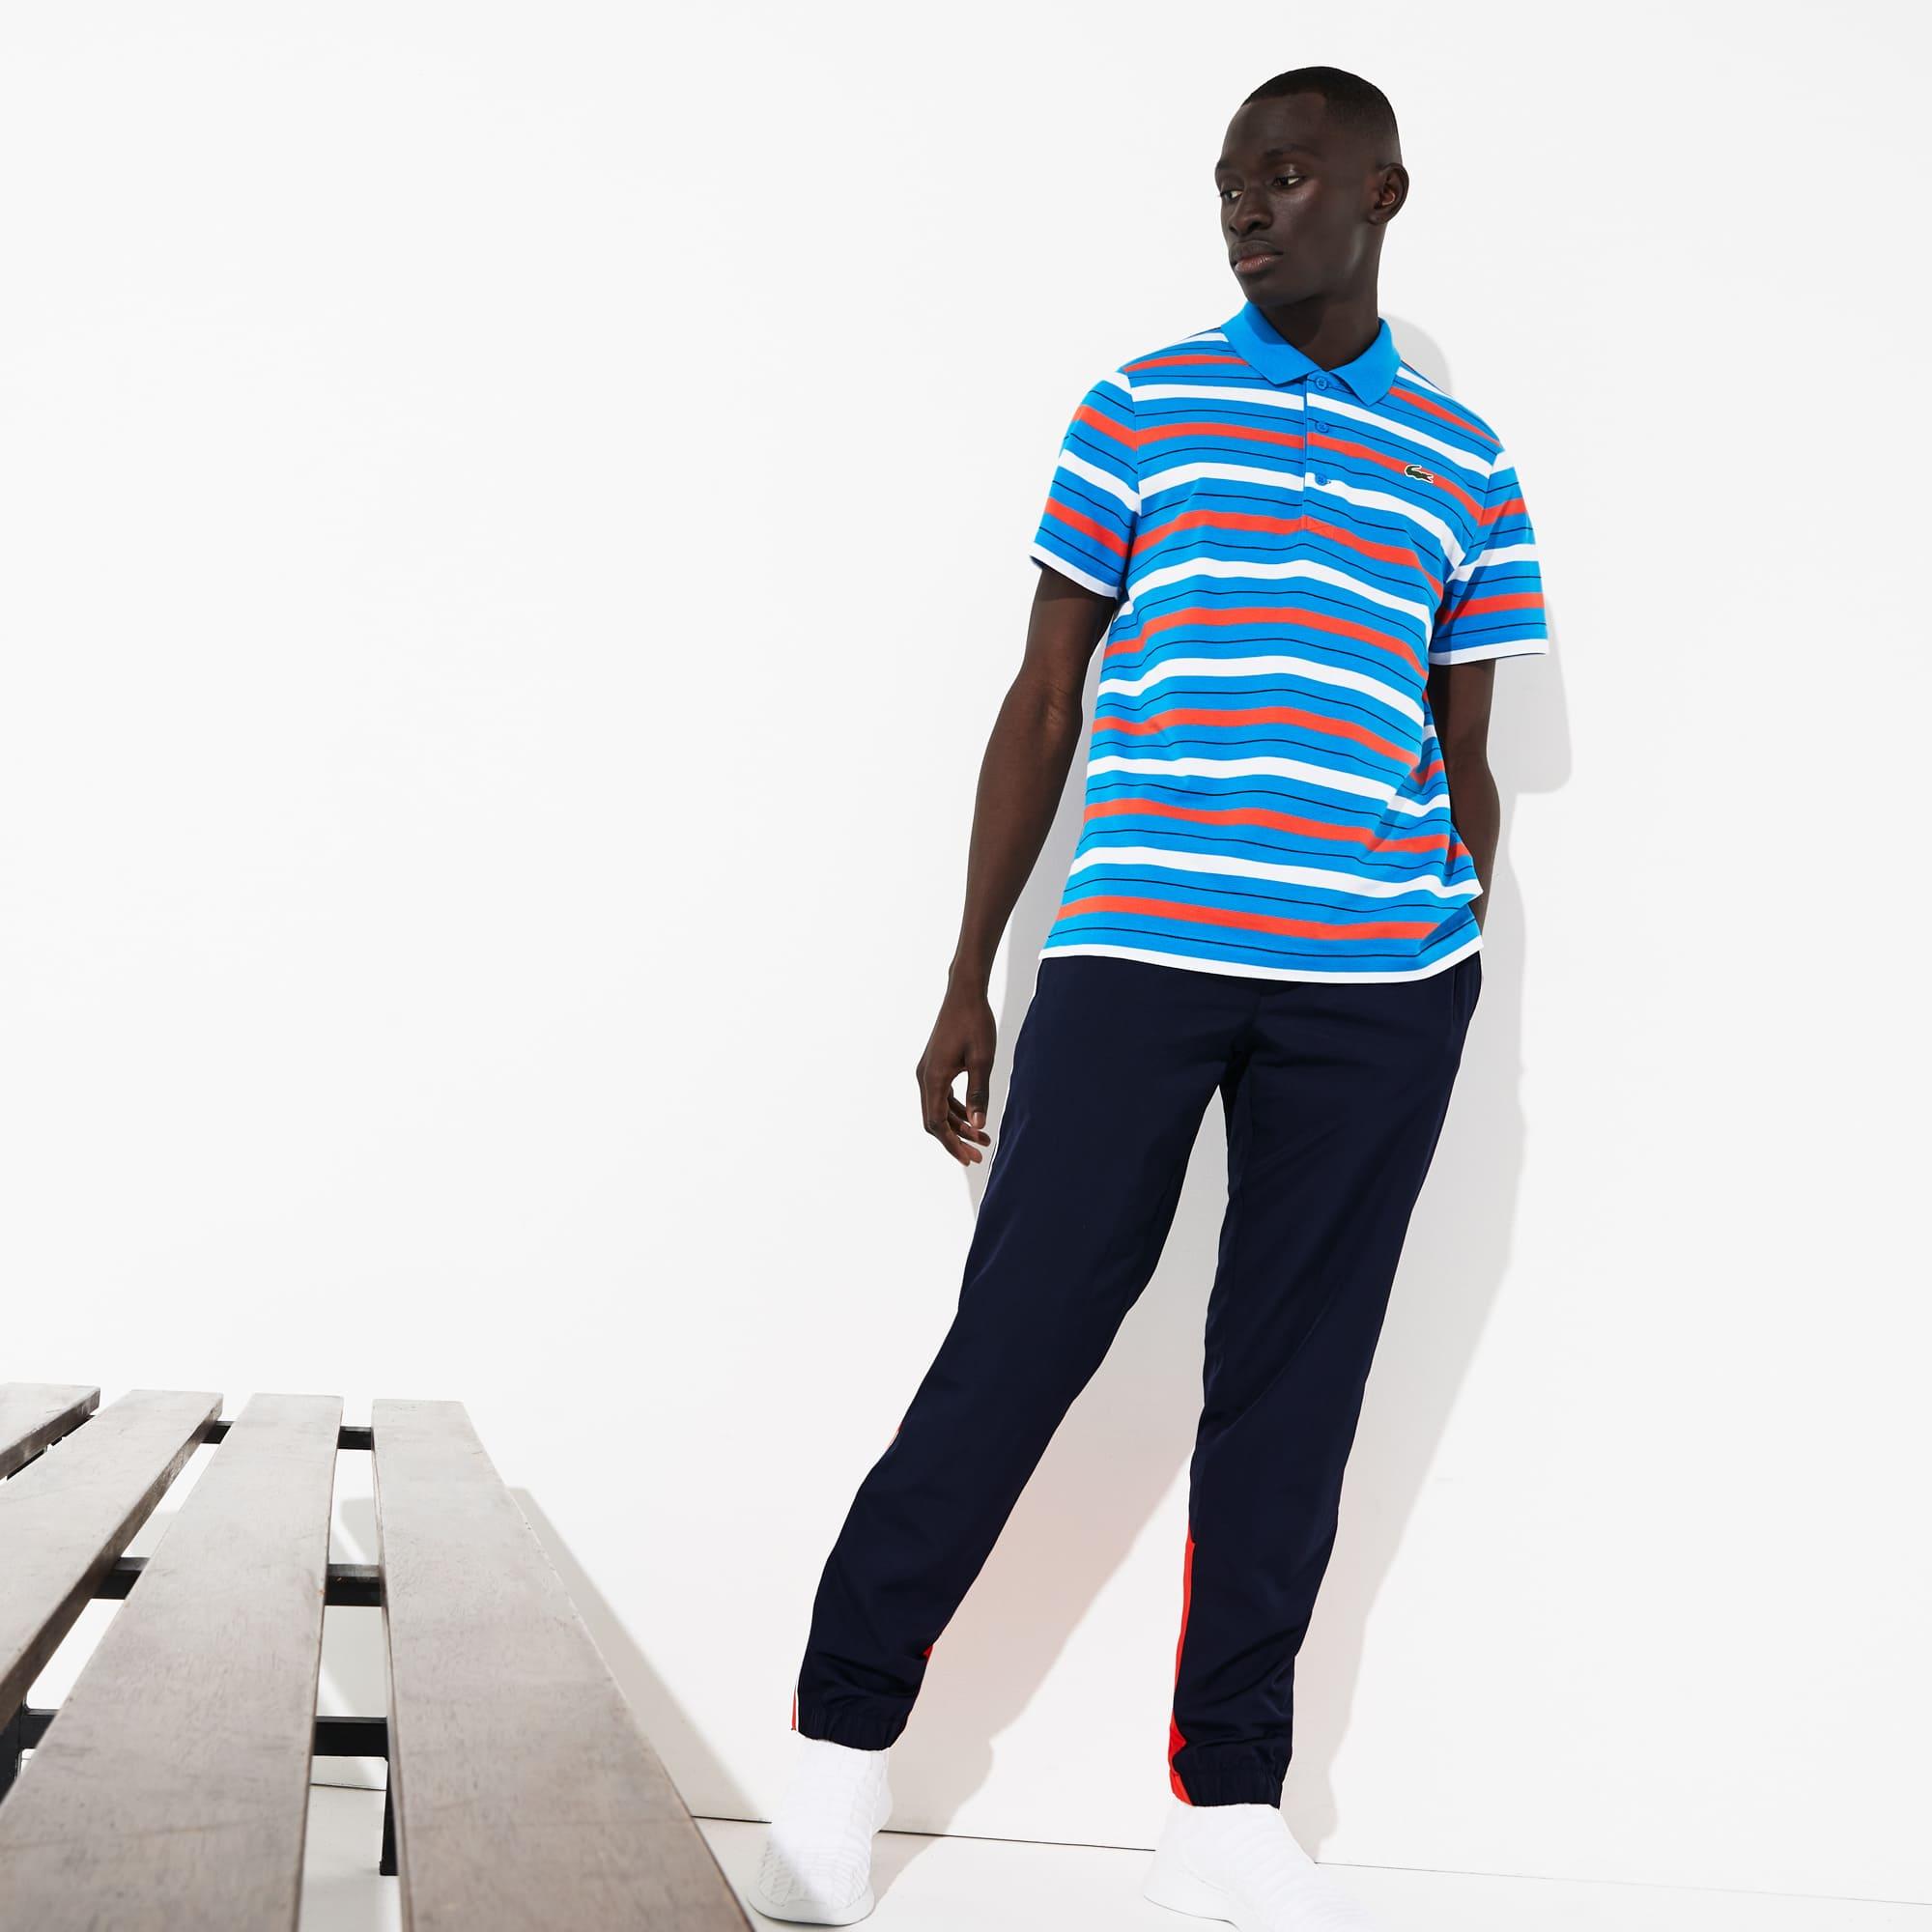 585291fb552 Pantalon de survêtement Lacoste SPORT color-block · + 3 couleurs